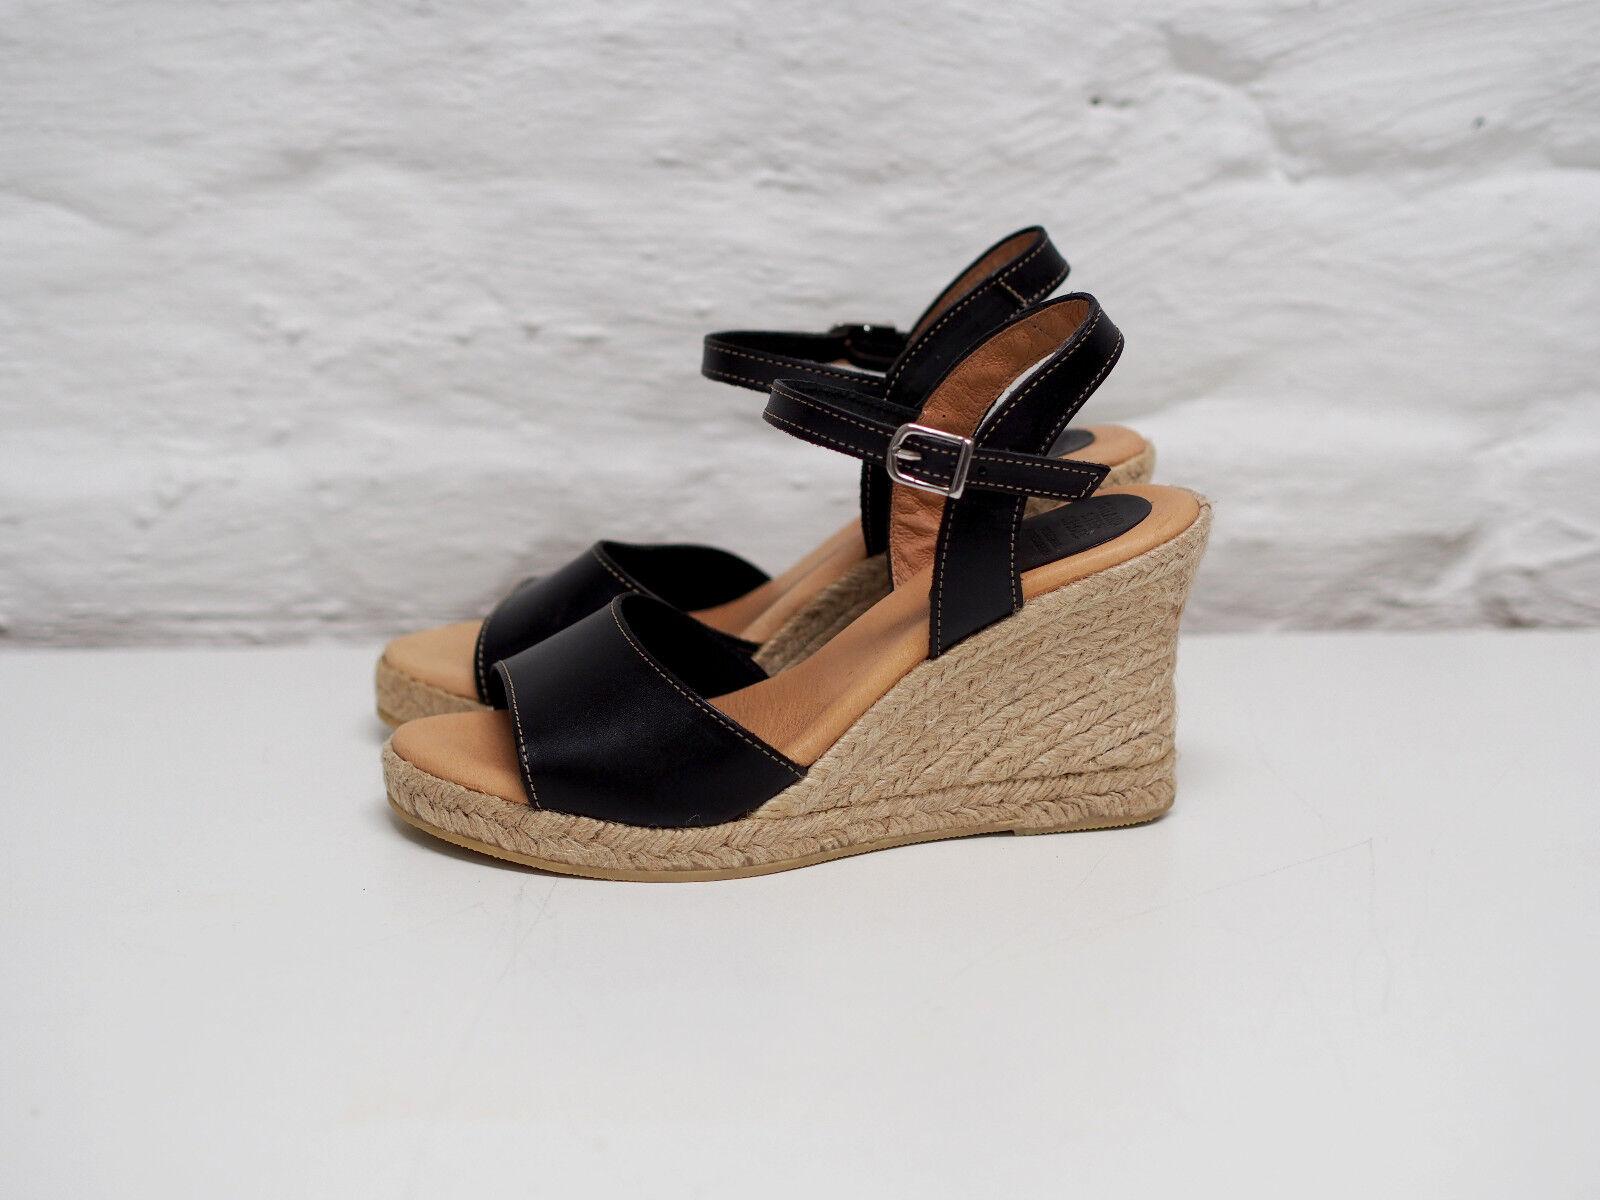 Damen Sandalen aus pflanzlich gegerbtem Leder Leder gegerbtem d07c00